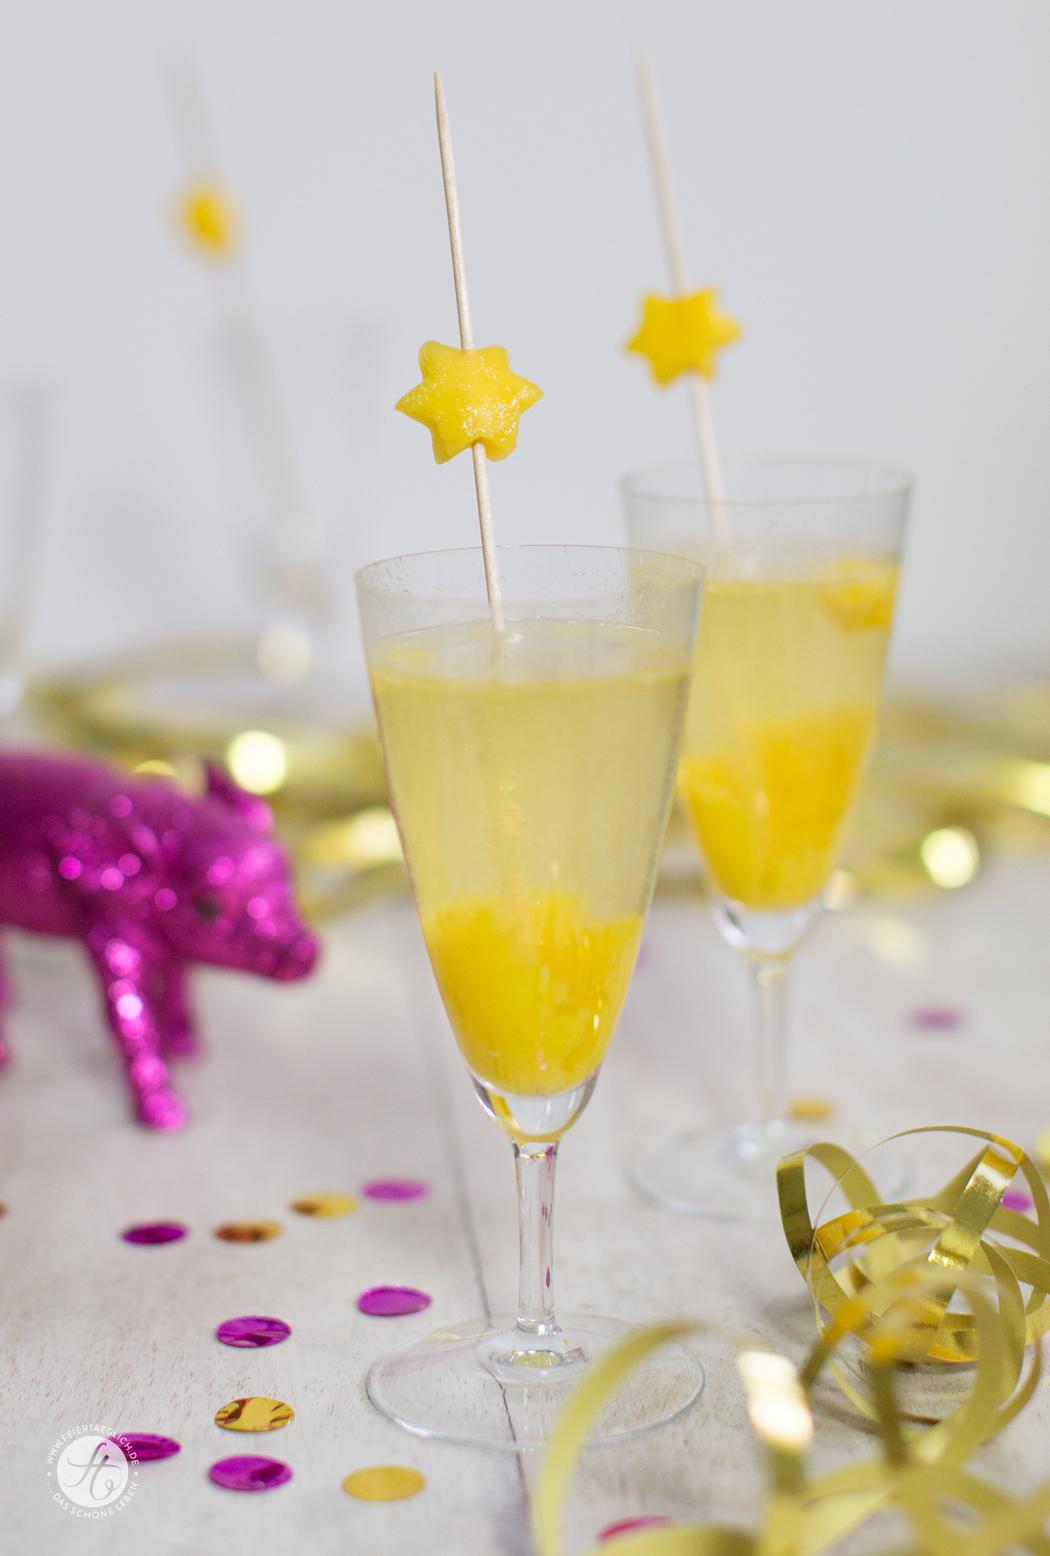 Sparkling Mango-Maracuja – Mango-Maracuja Püree mit Sekt und Mango-Spiess, Rezept für ein leckeren Drink/Aperitif